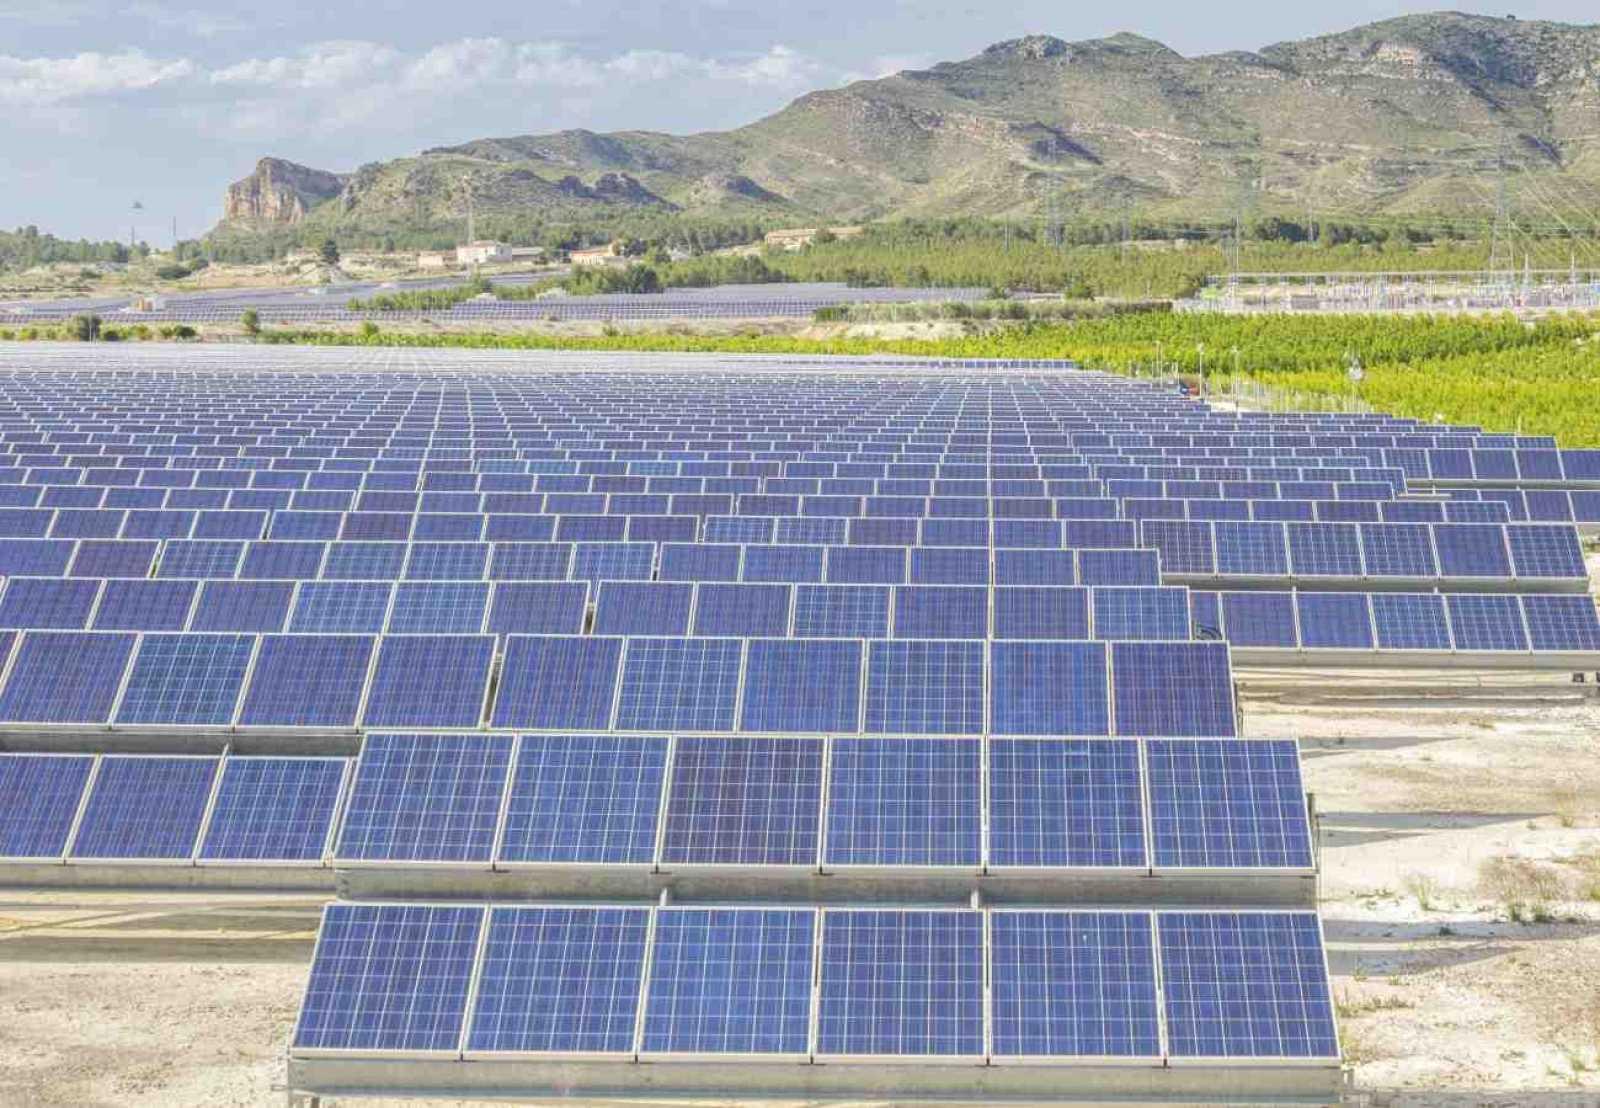 Boom de plantas solares en la Comunitat - 04/05/21 - Escuchar ahora